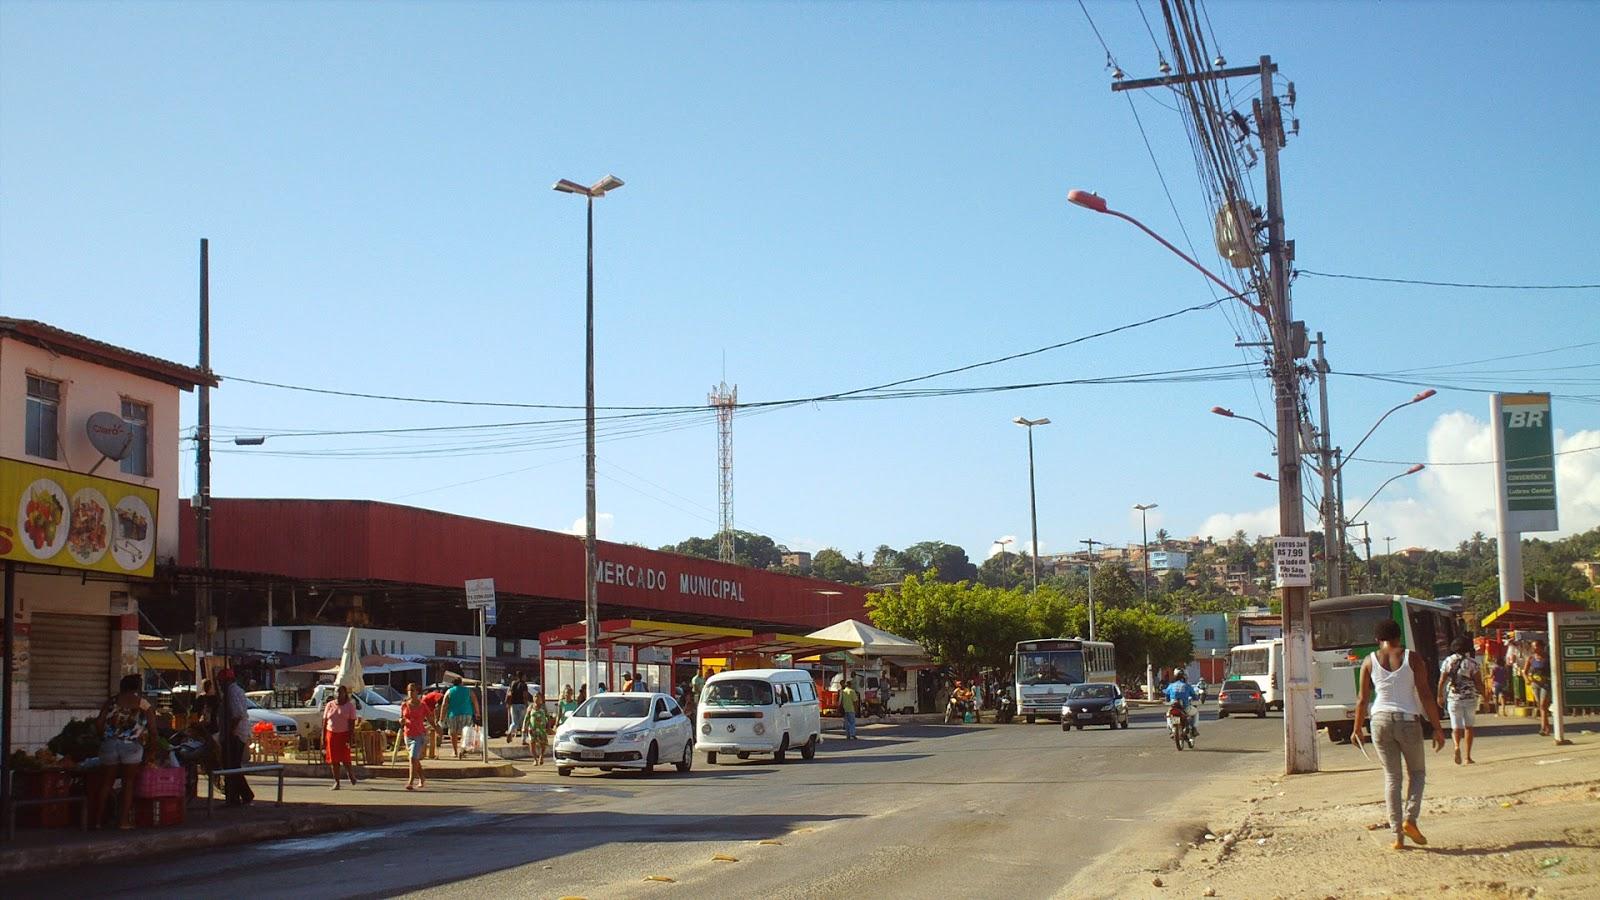 Resultado de imagem para mercado municipal de simoes filho